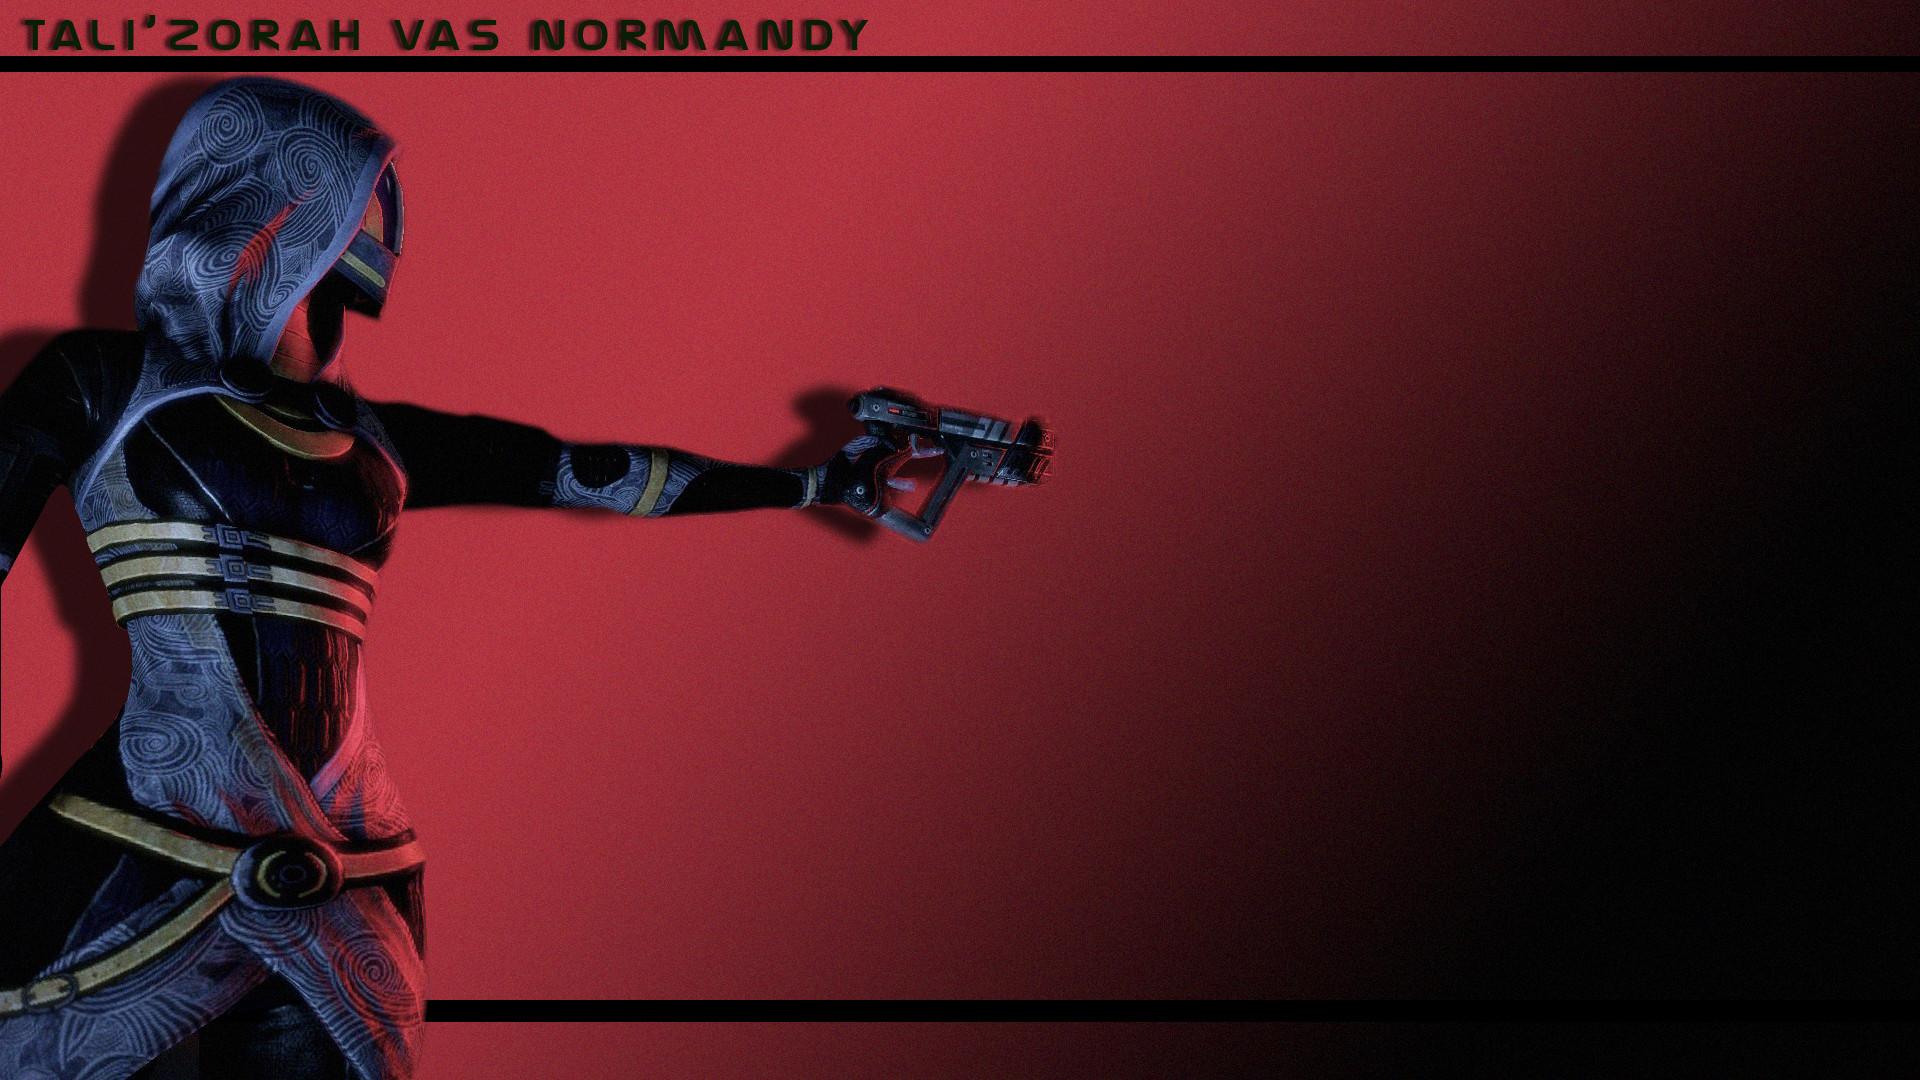 … Mass Effect 2 Tali wallpaper by SnakeRule